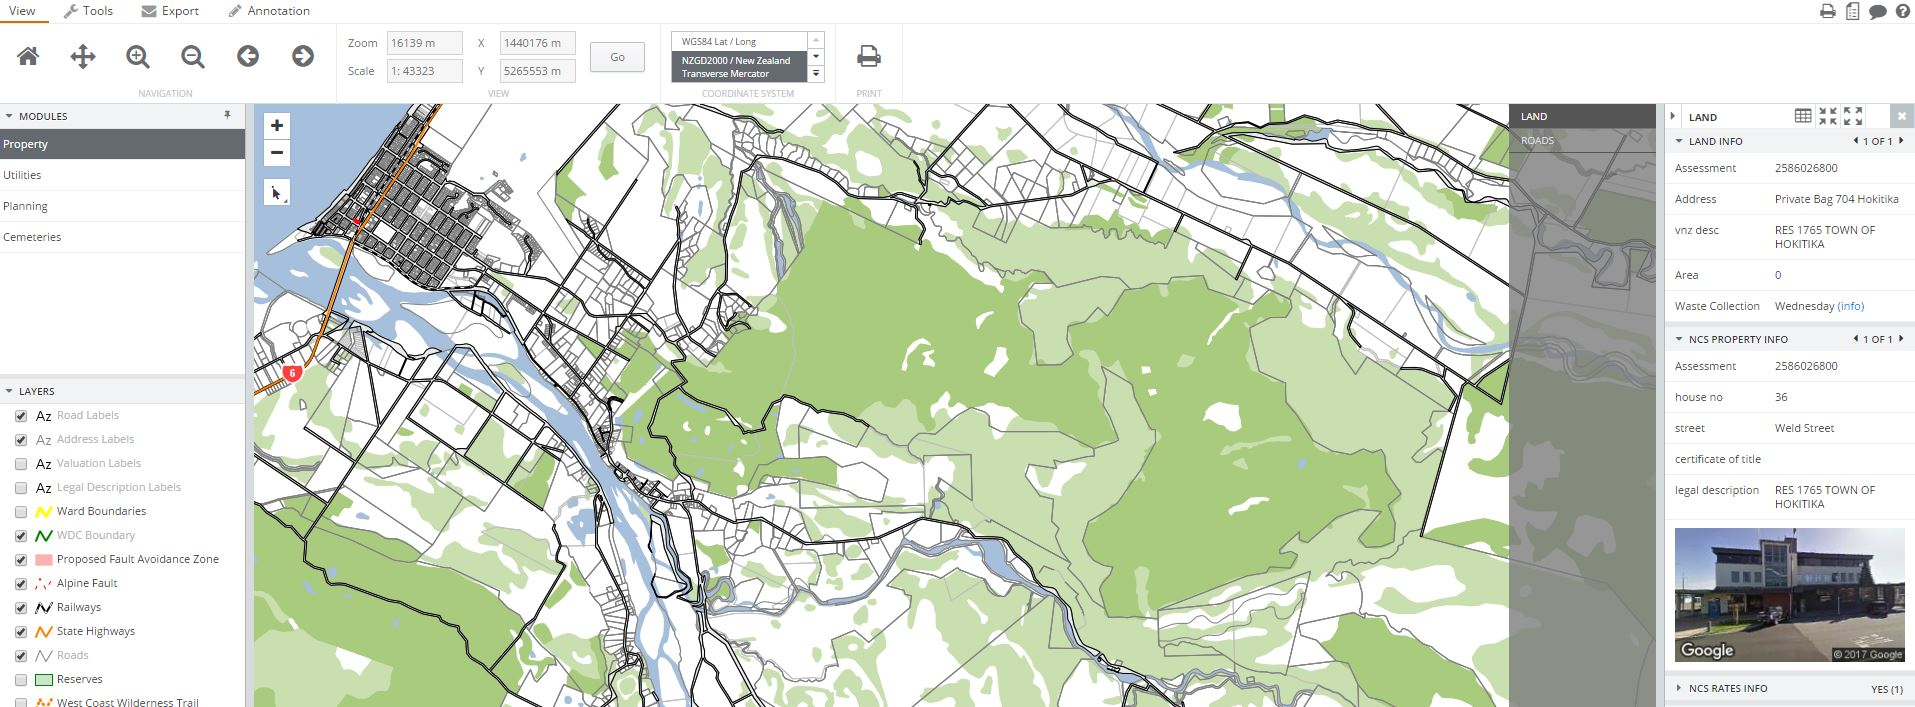 Online Maps | Westland District Council